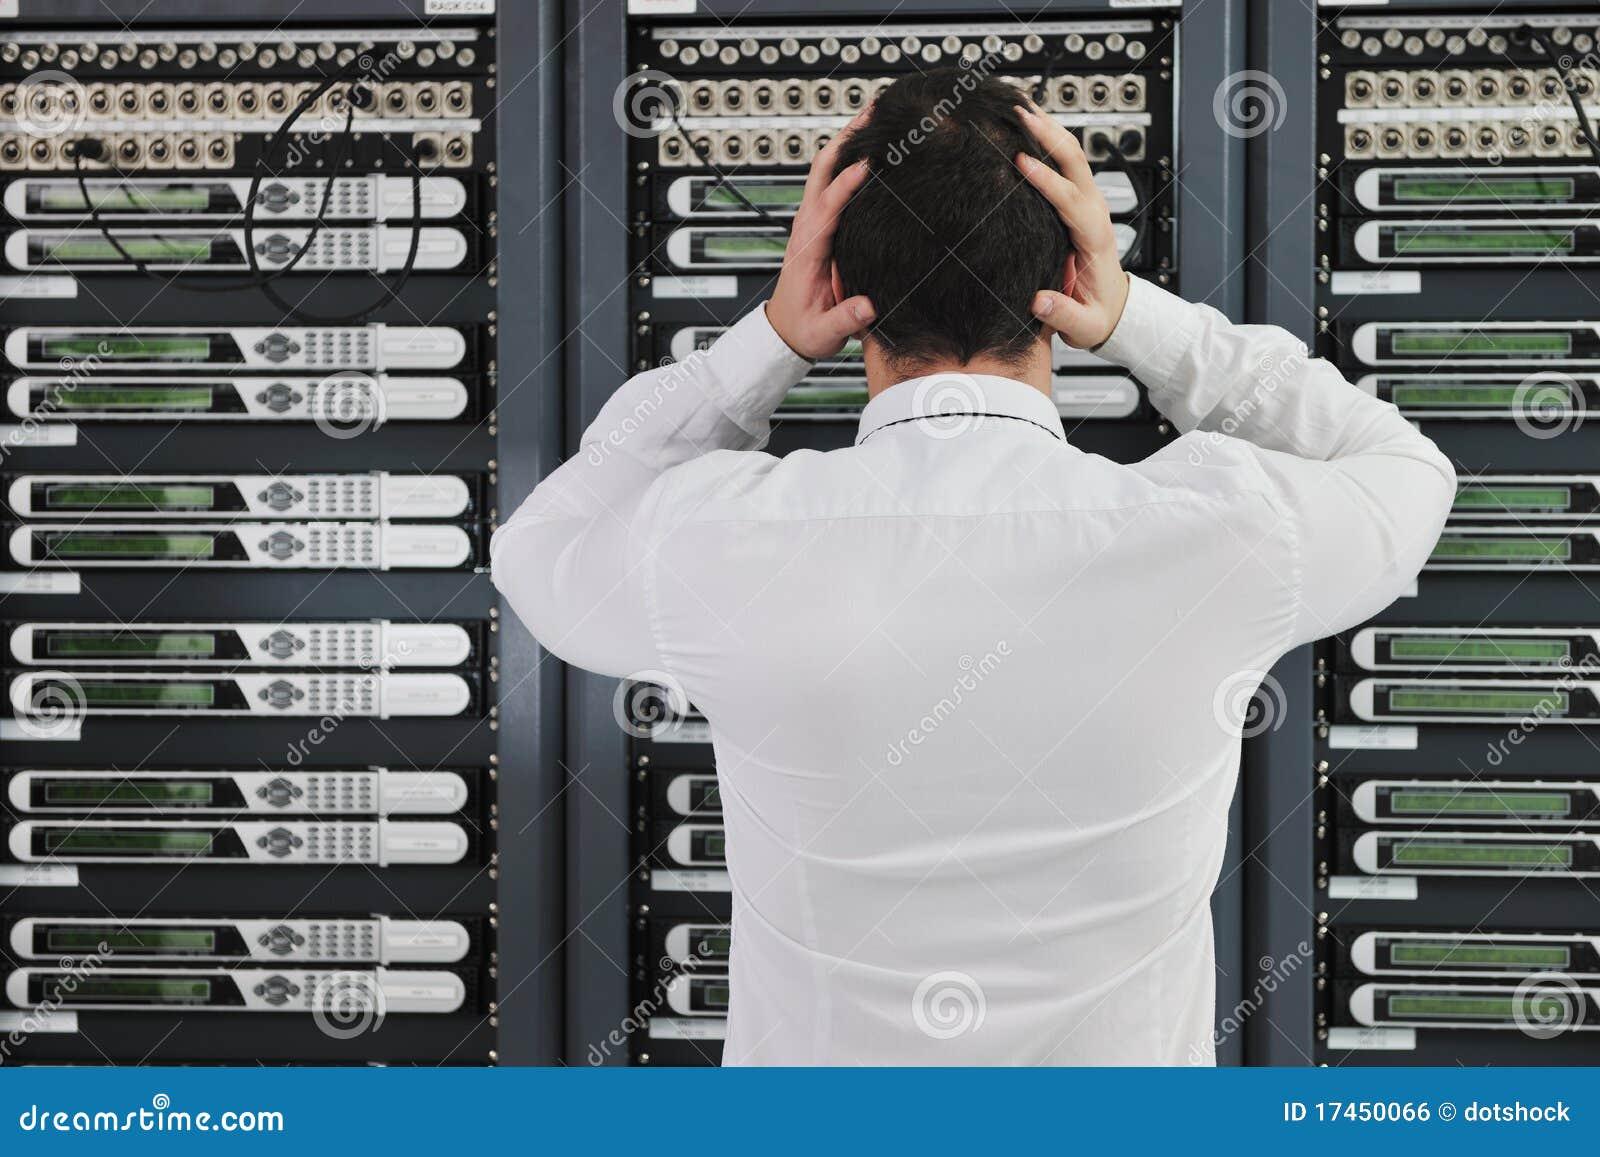 Systemu fail sytuacja w sieci serweru pokoju